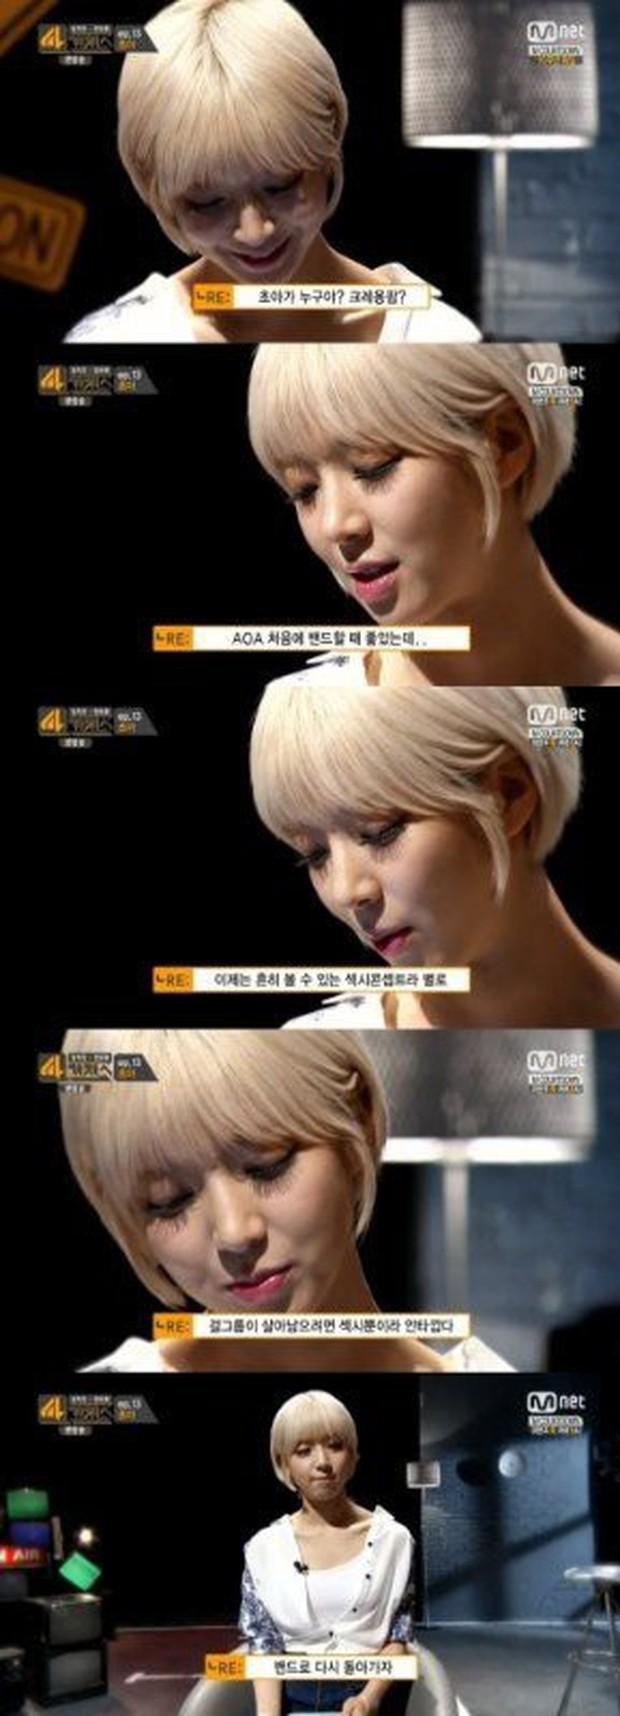 Trước Sulli, RM (BTS), JB (GOT7) và loạt Idol từng ngậm ngùi khi đọc bình luận ác ý trên show thực tế - Ảnh 5.